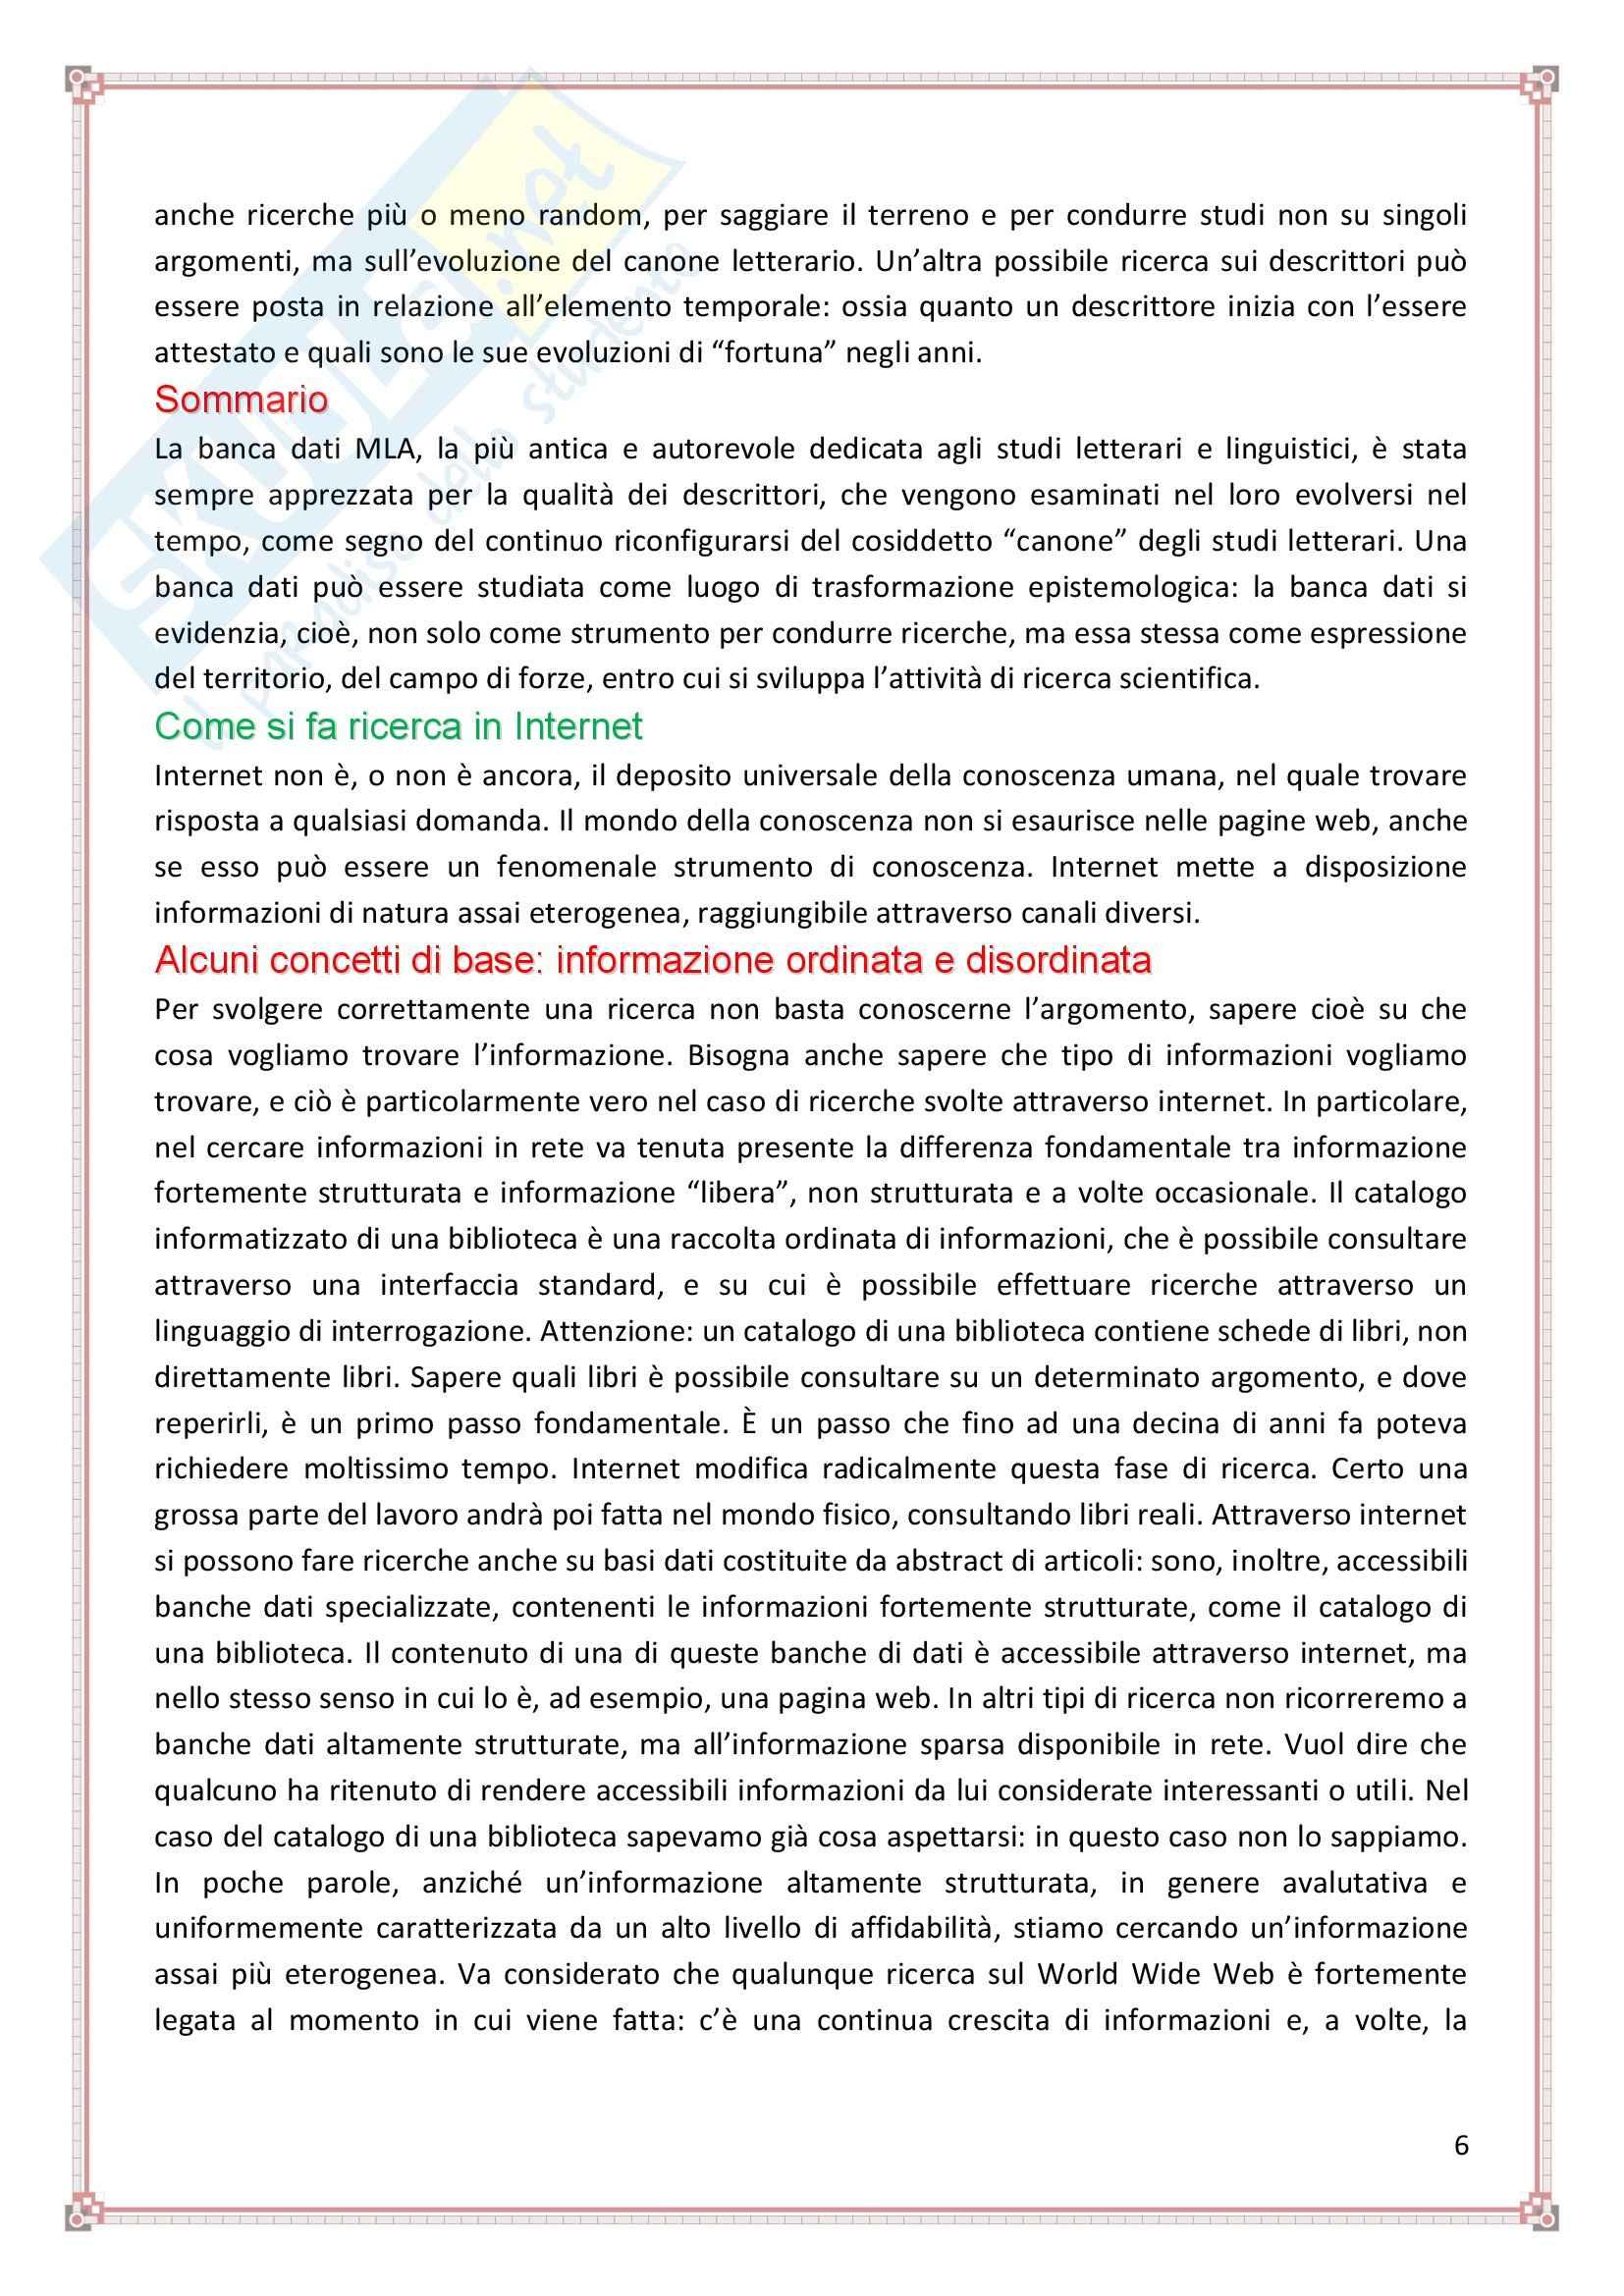 Le risorse del Web - Appunti Pag. 6